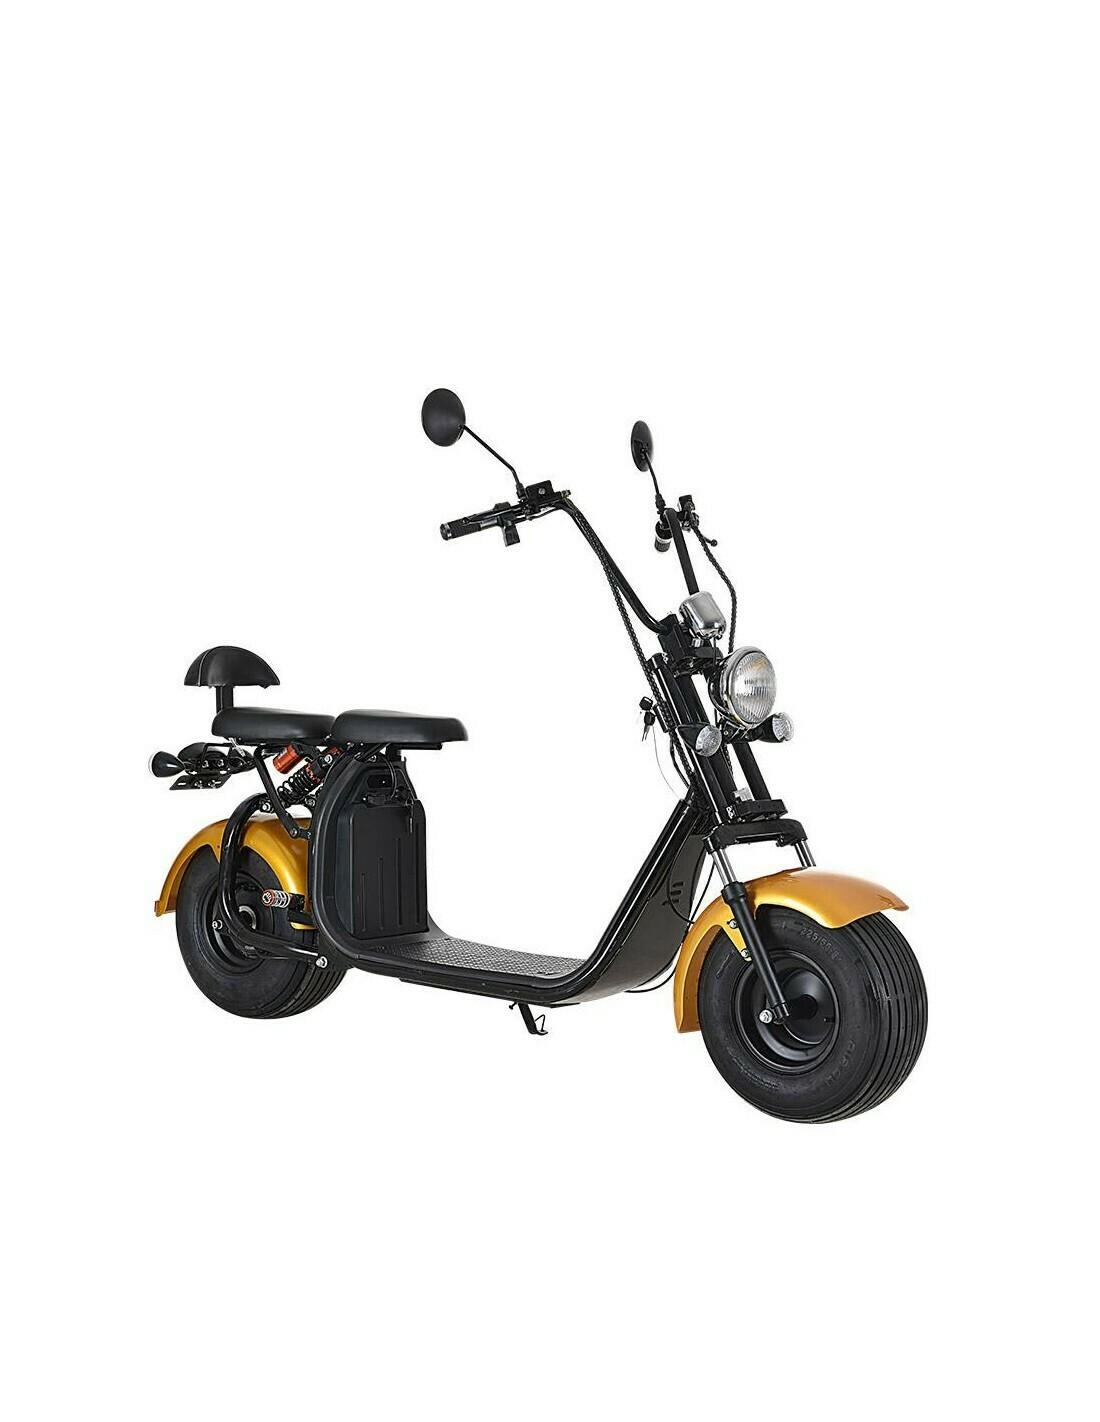 Scooter électrique City Coco Cool - Deux places - homologué route avec carte grise - Champagne